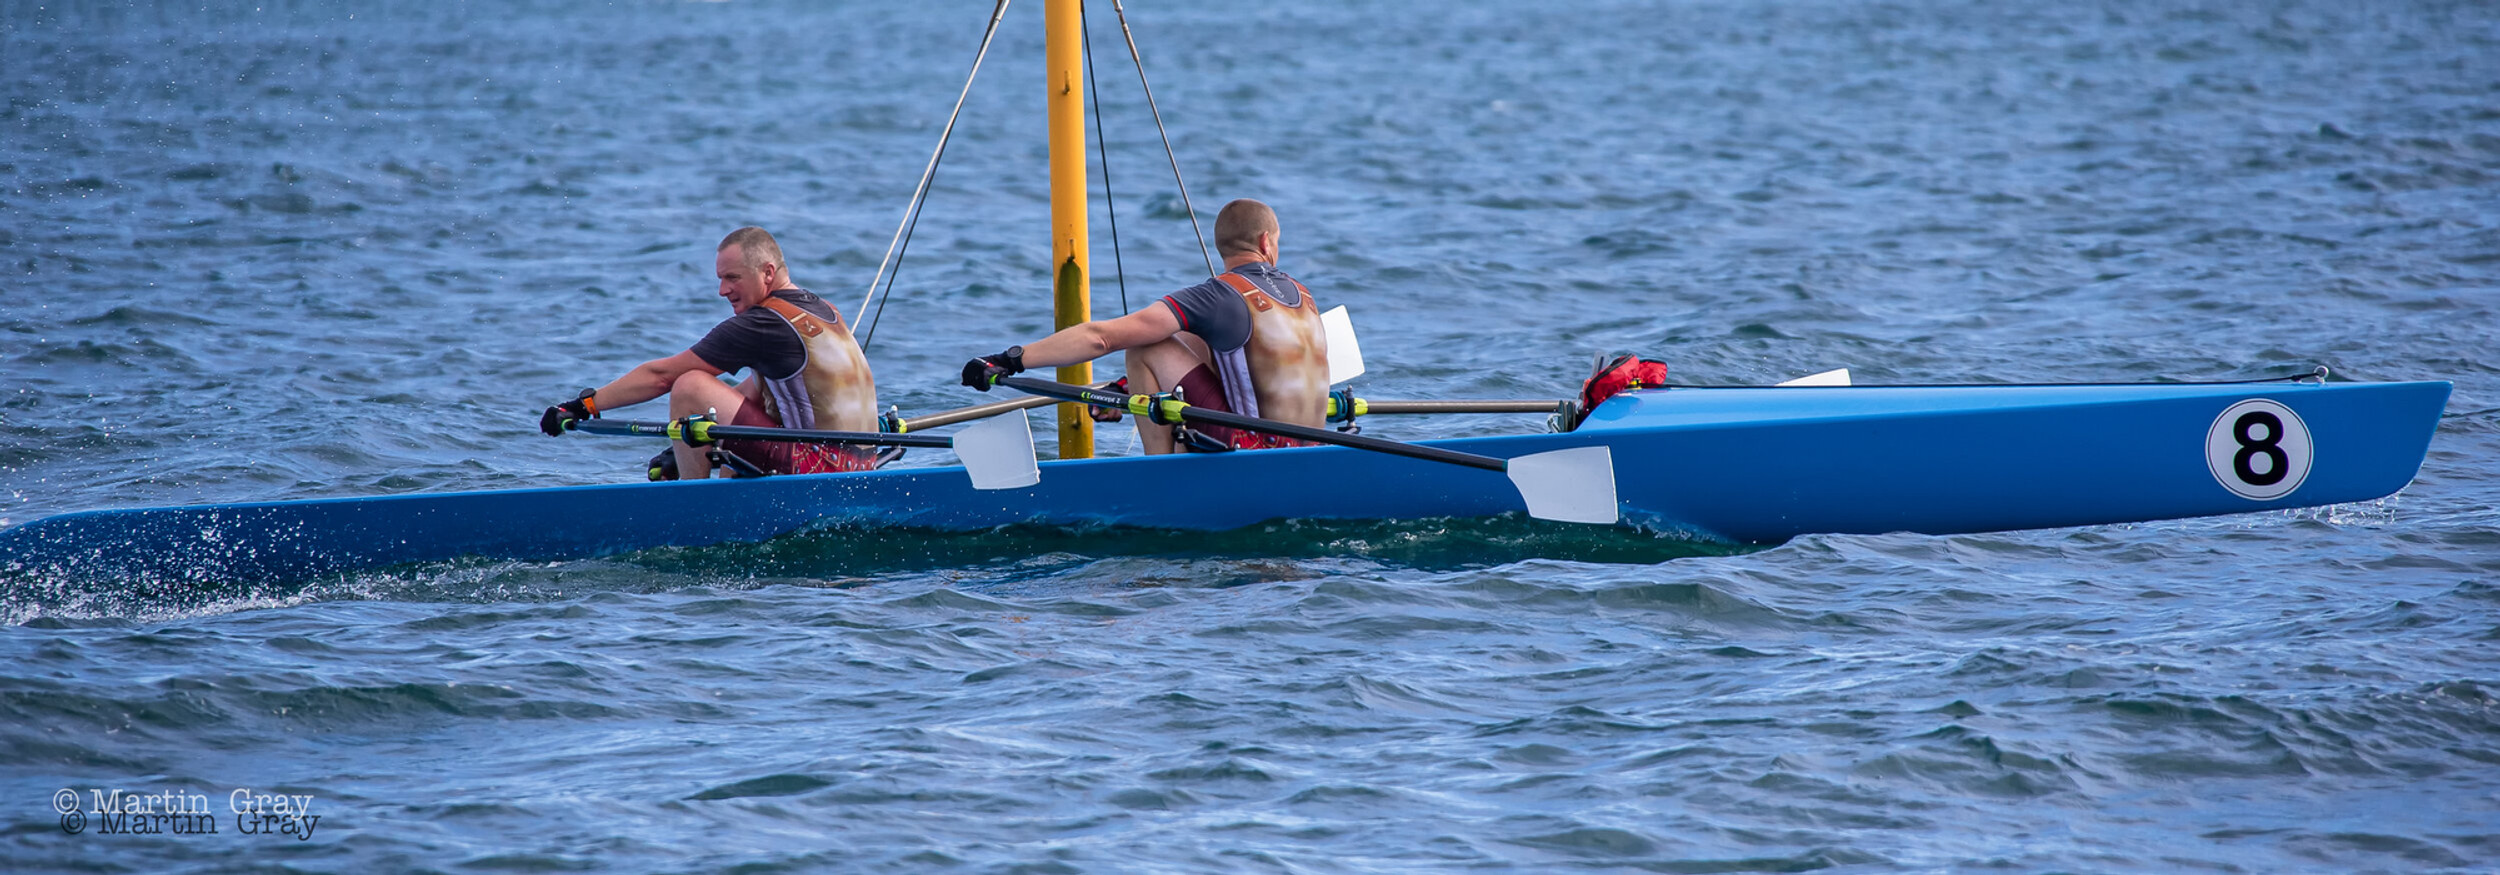 Boat+8+-+Pedersen+and+Prevel-6675.jpg